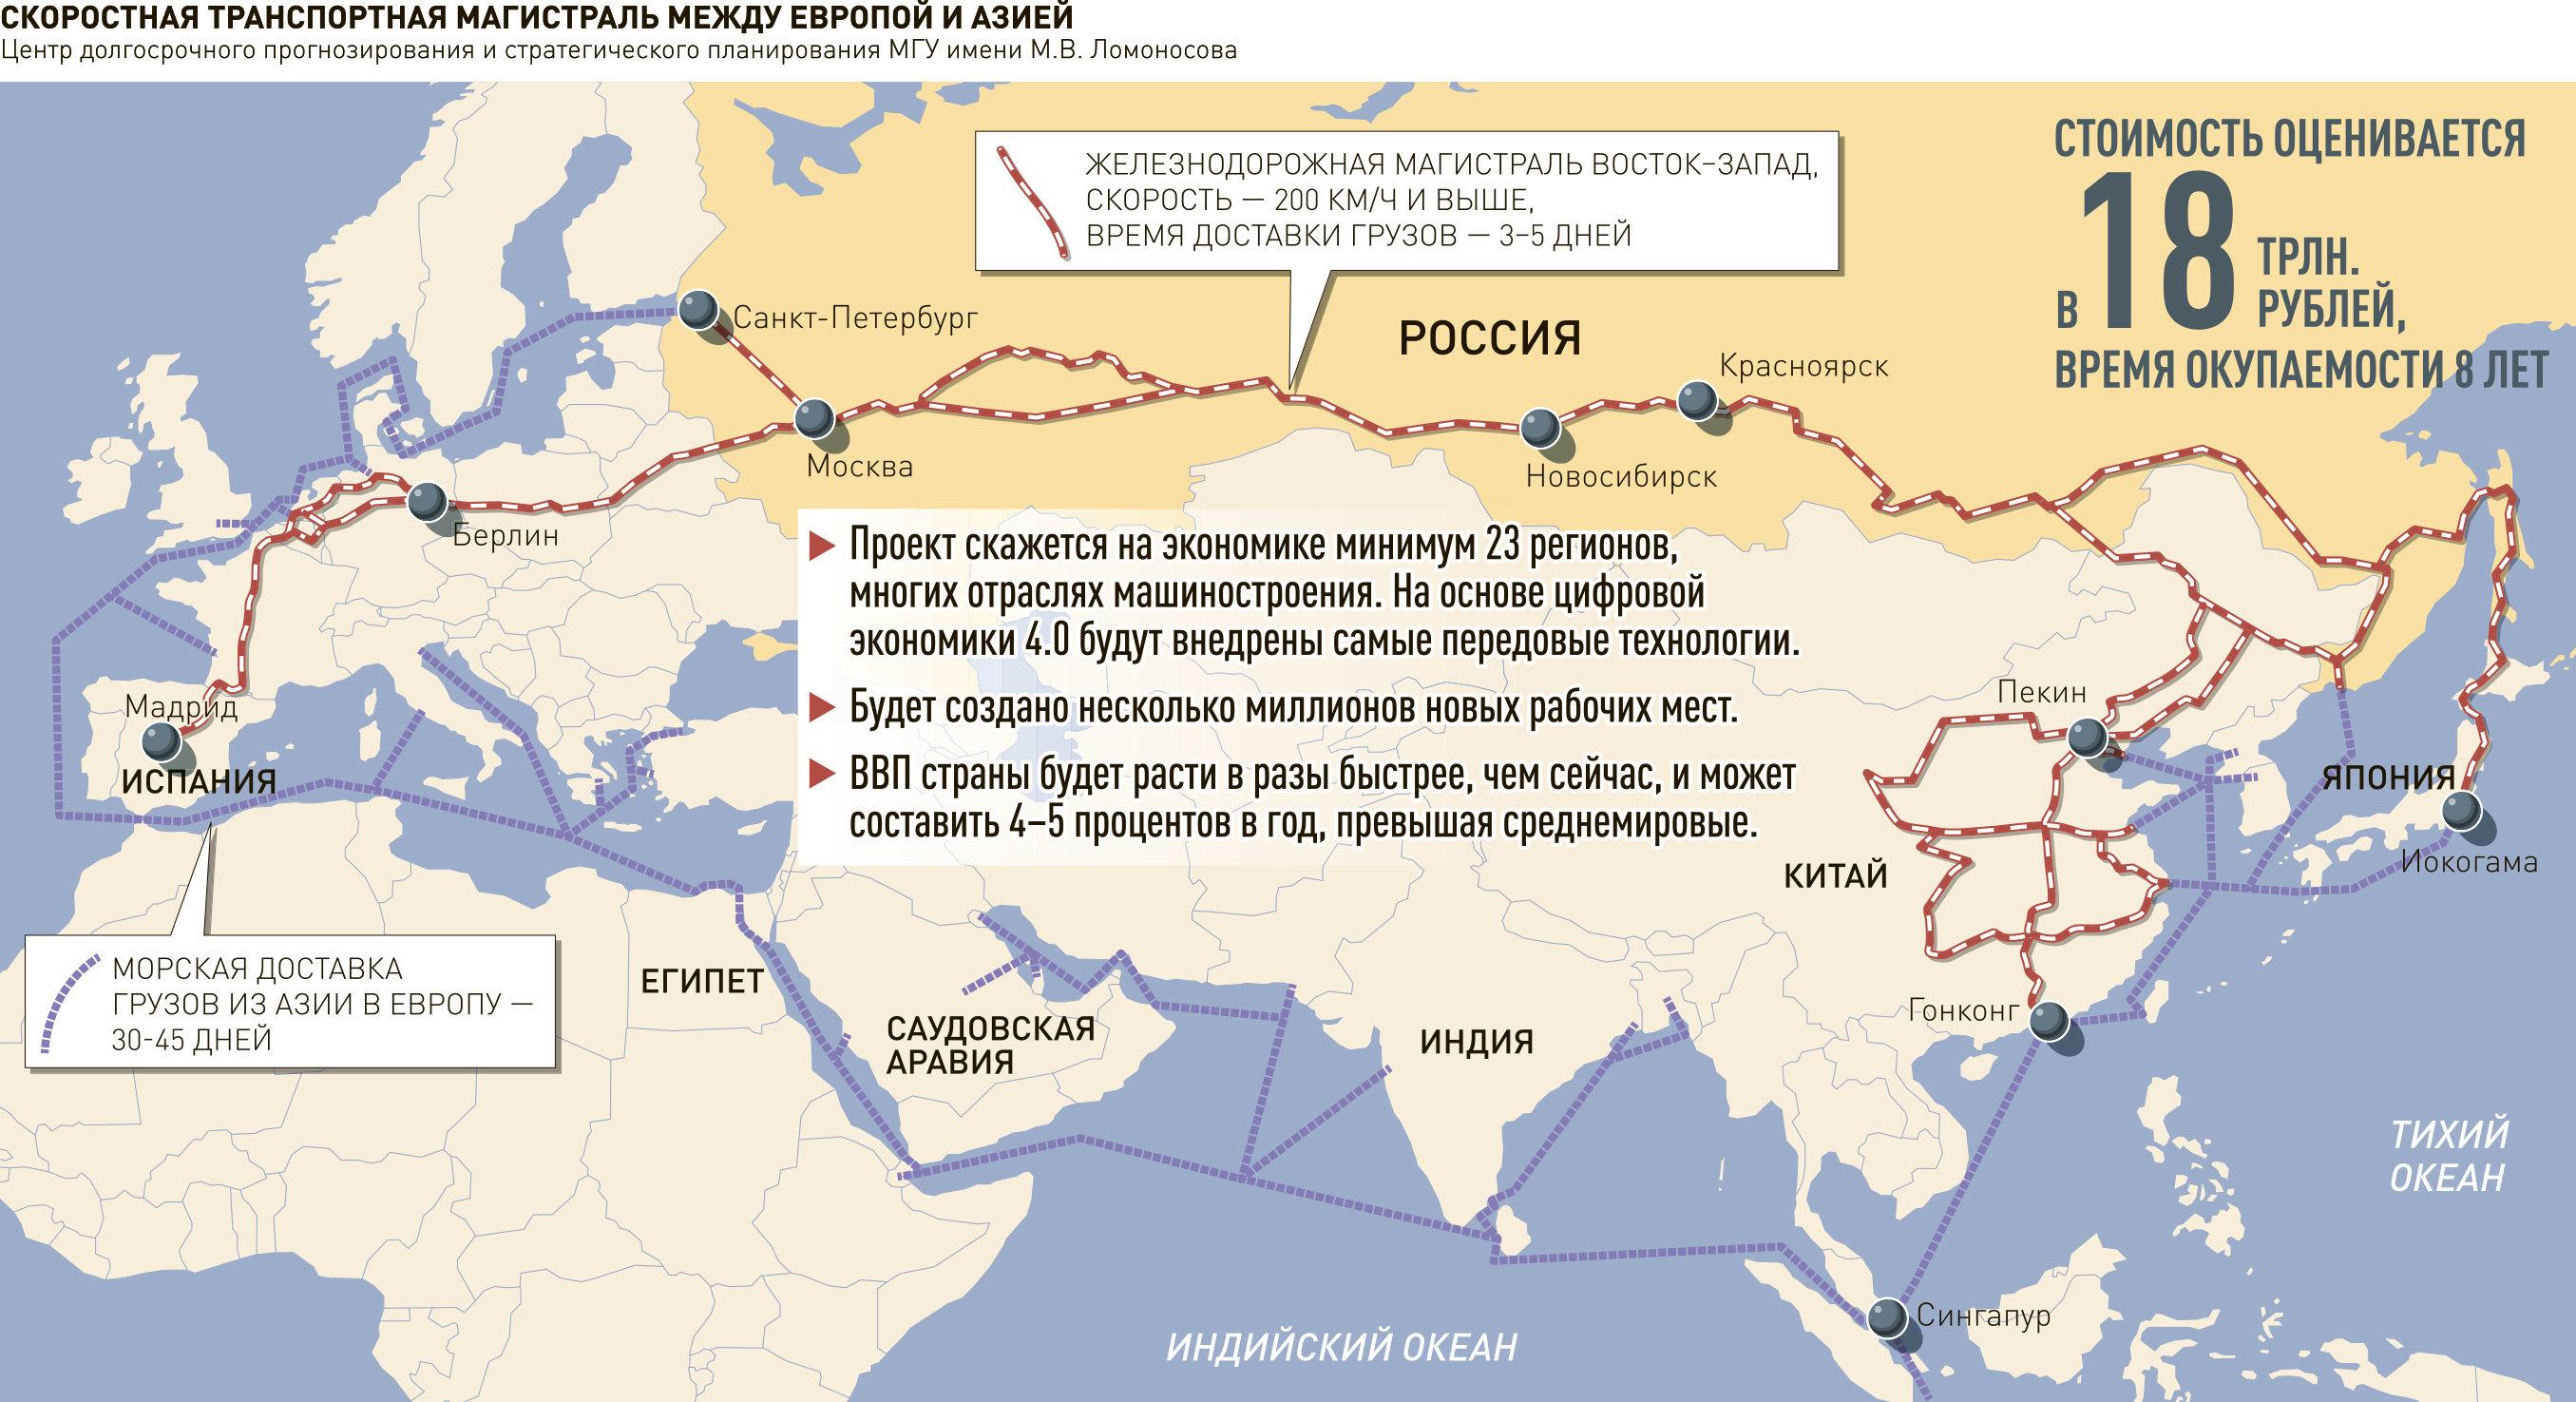 Справка в бассейн купить в Москве Царицыно с доставкой сао